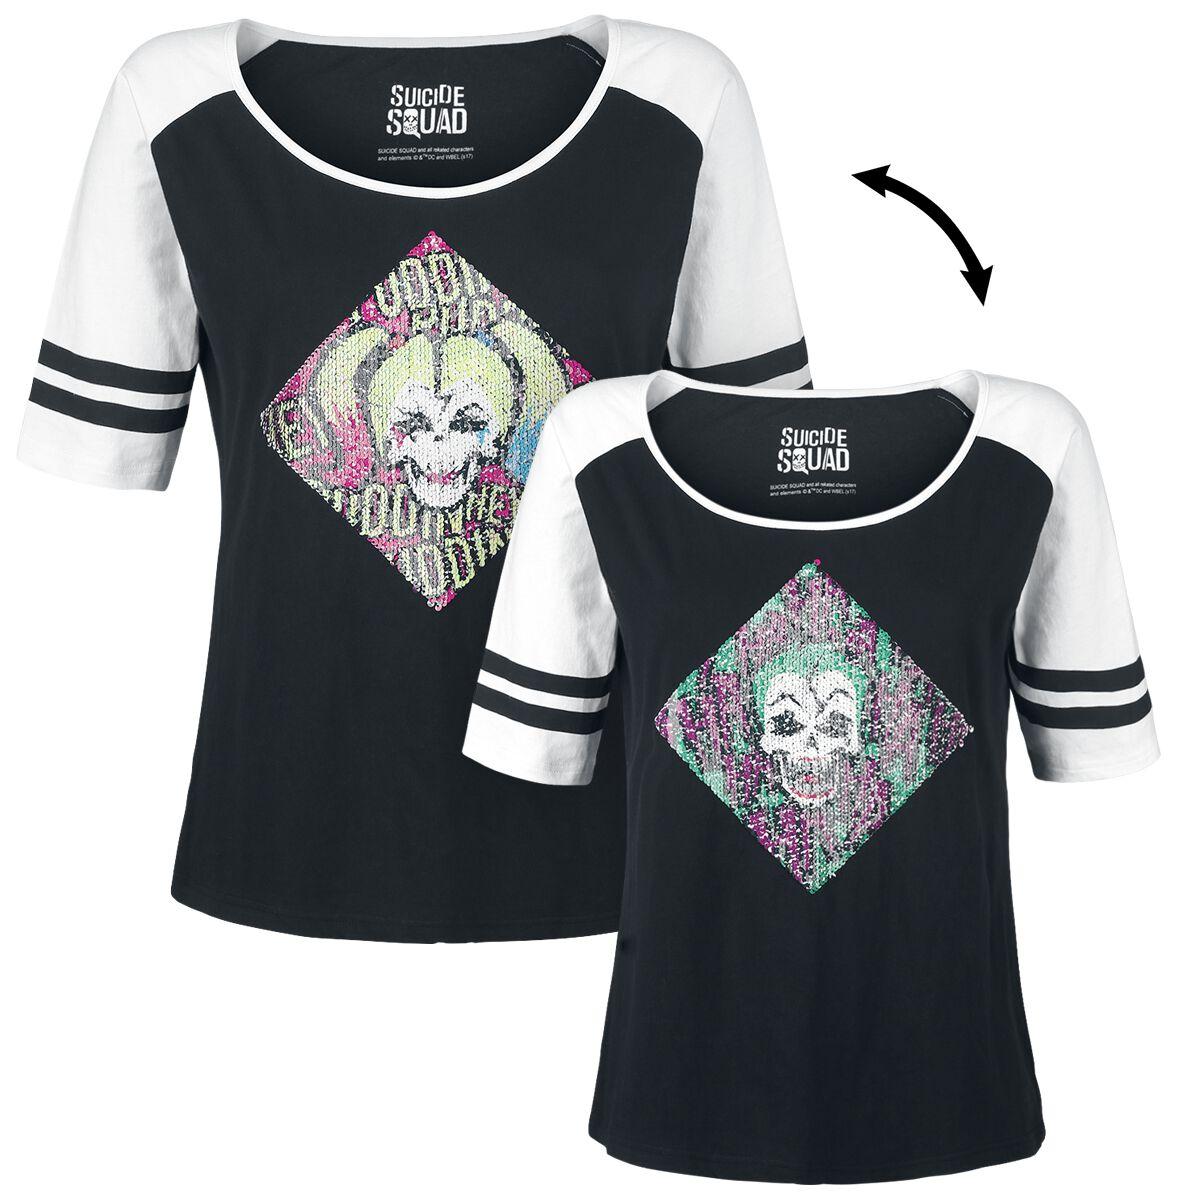 Image of   Suicide Squad Harley and Joker Girlie trøje sort-hvid